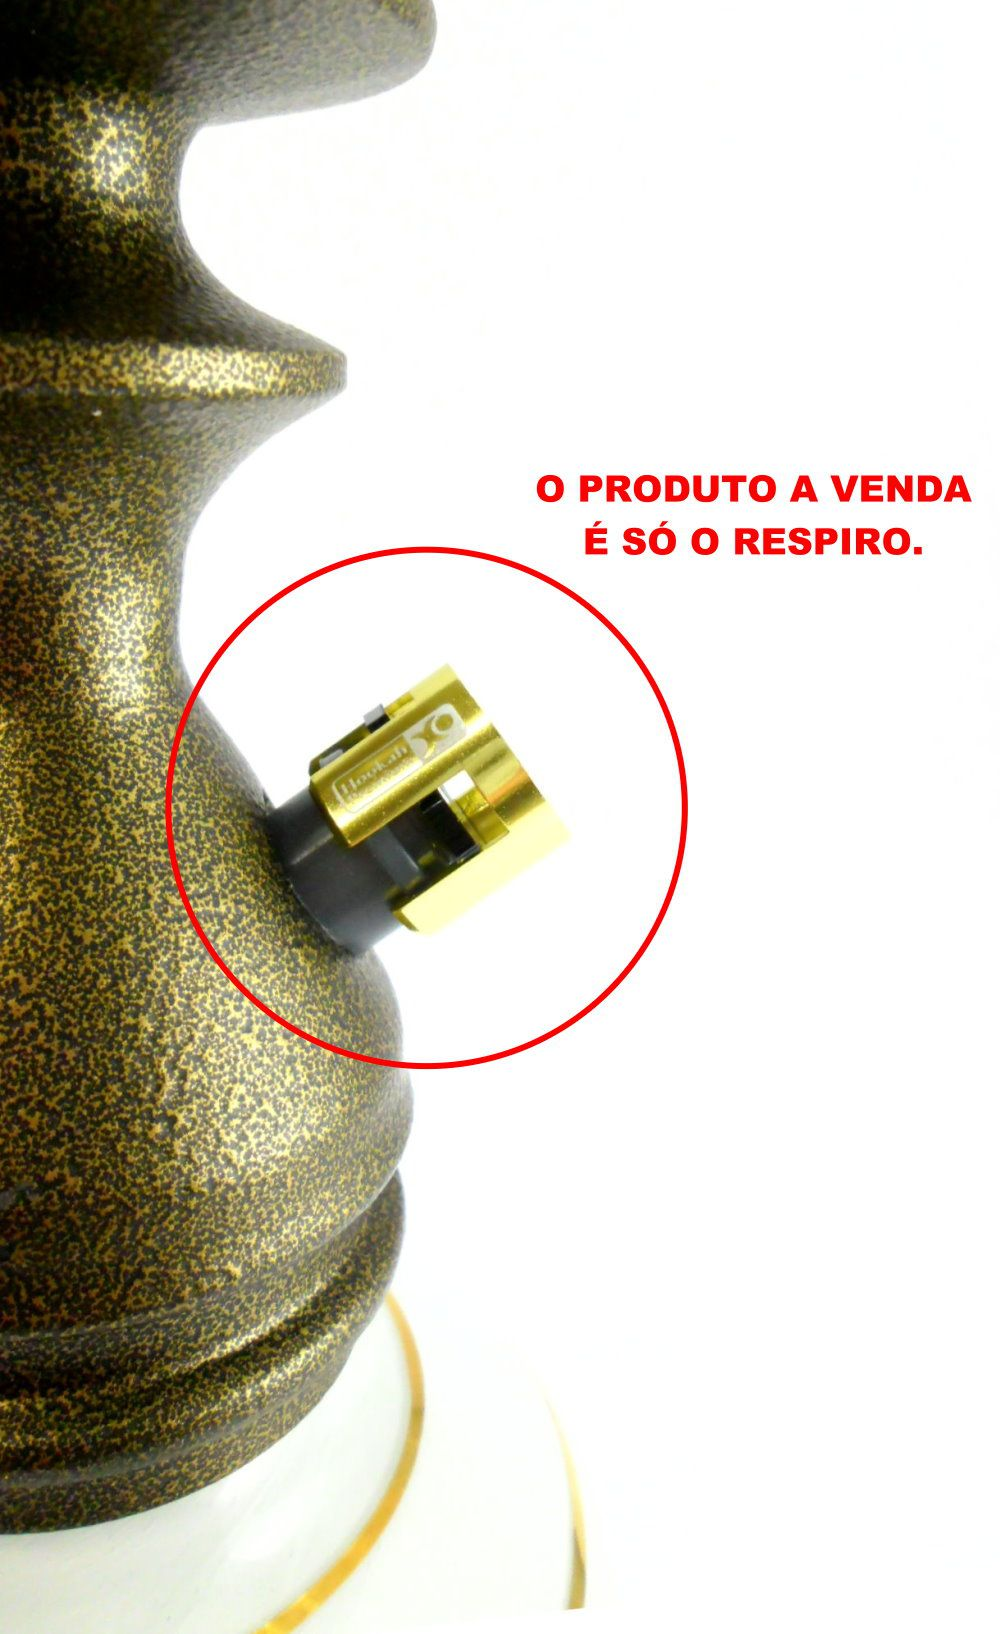 Respiro / Válvula para narguile Hookah Premium AirFlow Extreme, encaixe MACHO. Dourado